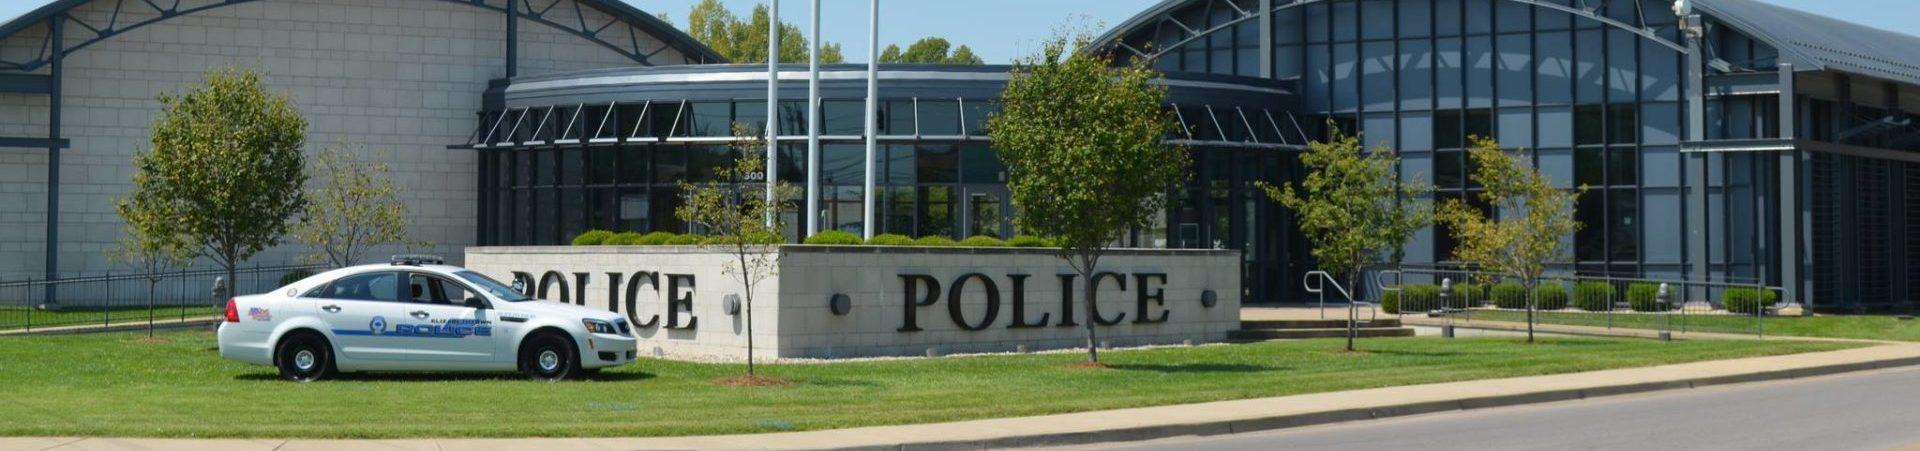 Kentucky Warrant Search